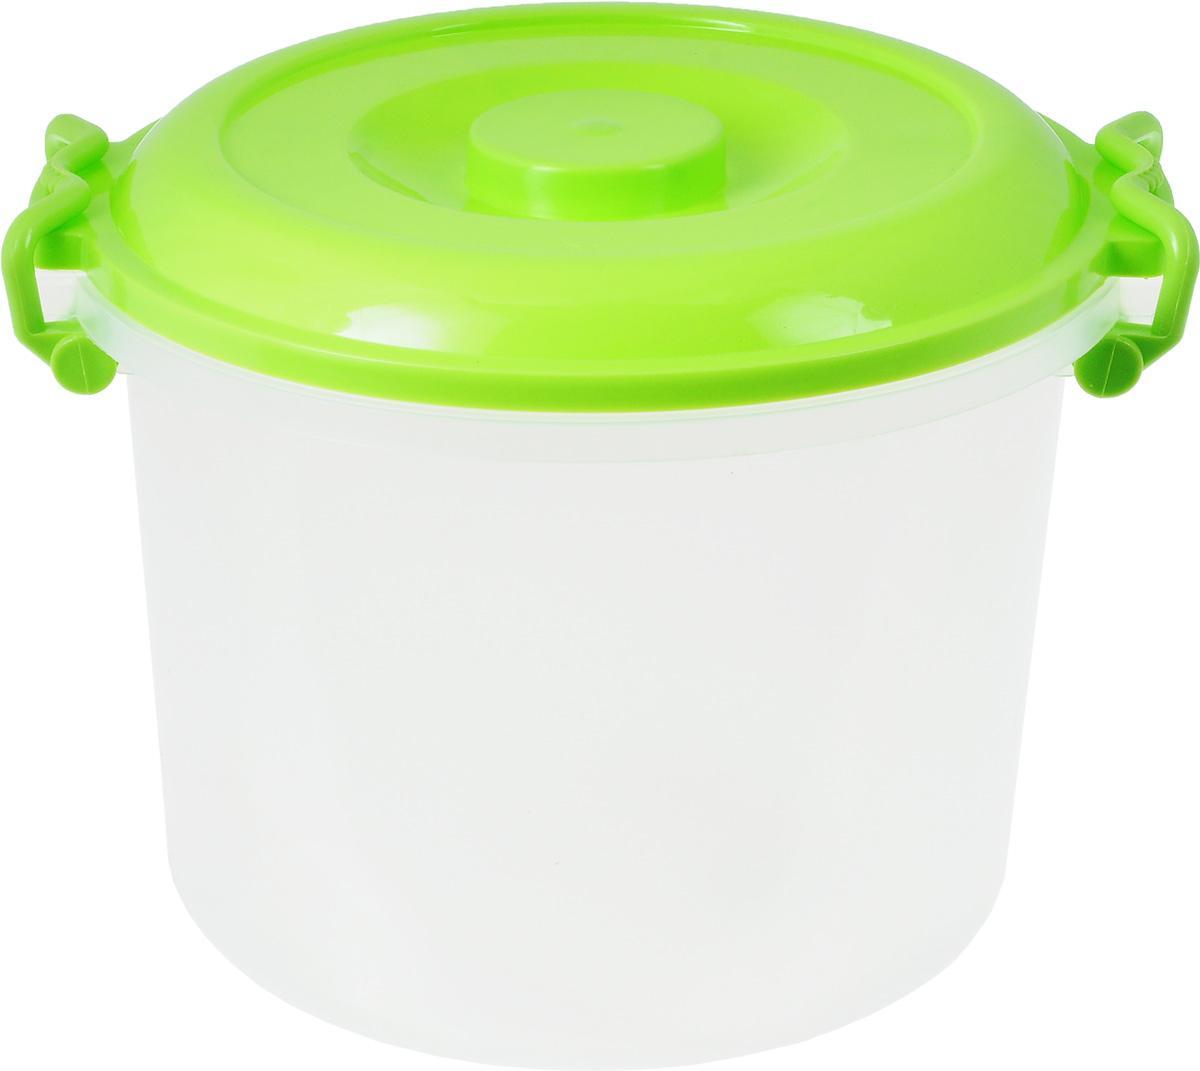 Контейнер Альтернатива, цвет: светло-зеленый, прозрачный, 8 лM098_зеленый, прозрачныйКонтейнер Альтернатива изготовлен из высококачественного пищевого пластика. Изделие оснащено крышкой и ручками, которые плотно закрывают контейнер. Также на крышке имеется ручка для удобной переноски. Емкость предназначена для хранения различных бытовых вещей и продуктов. Такой контейнер очень функционален и всегда пригодится на кухне. Диаметр контейнера (по верхнему краю): 25 см. Высота контейнера (без учета крышки): 21 см. Объем: 8 л.